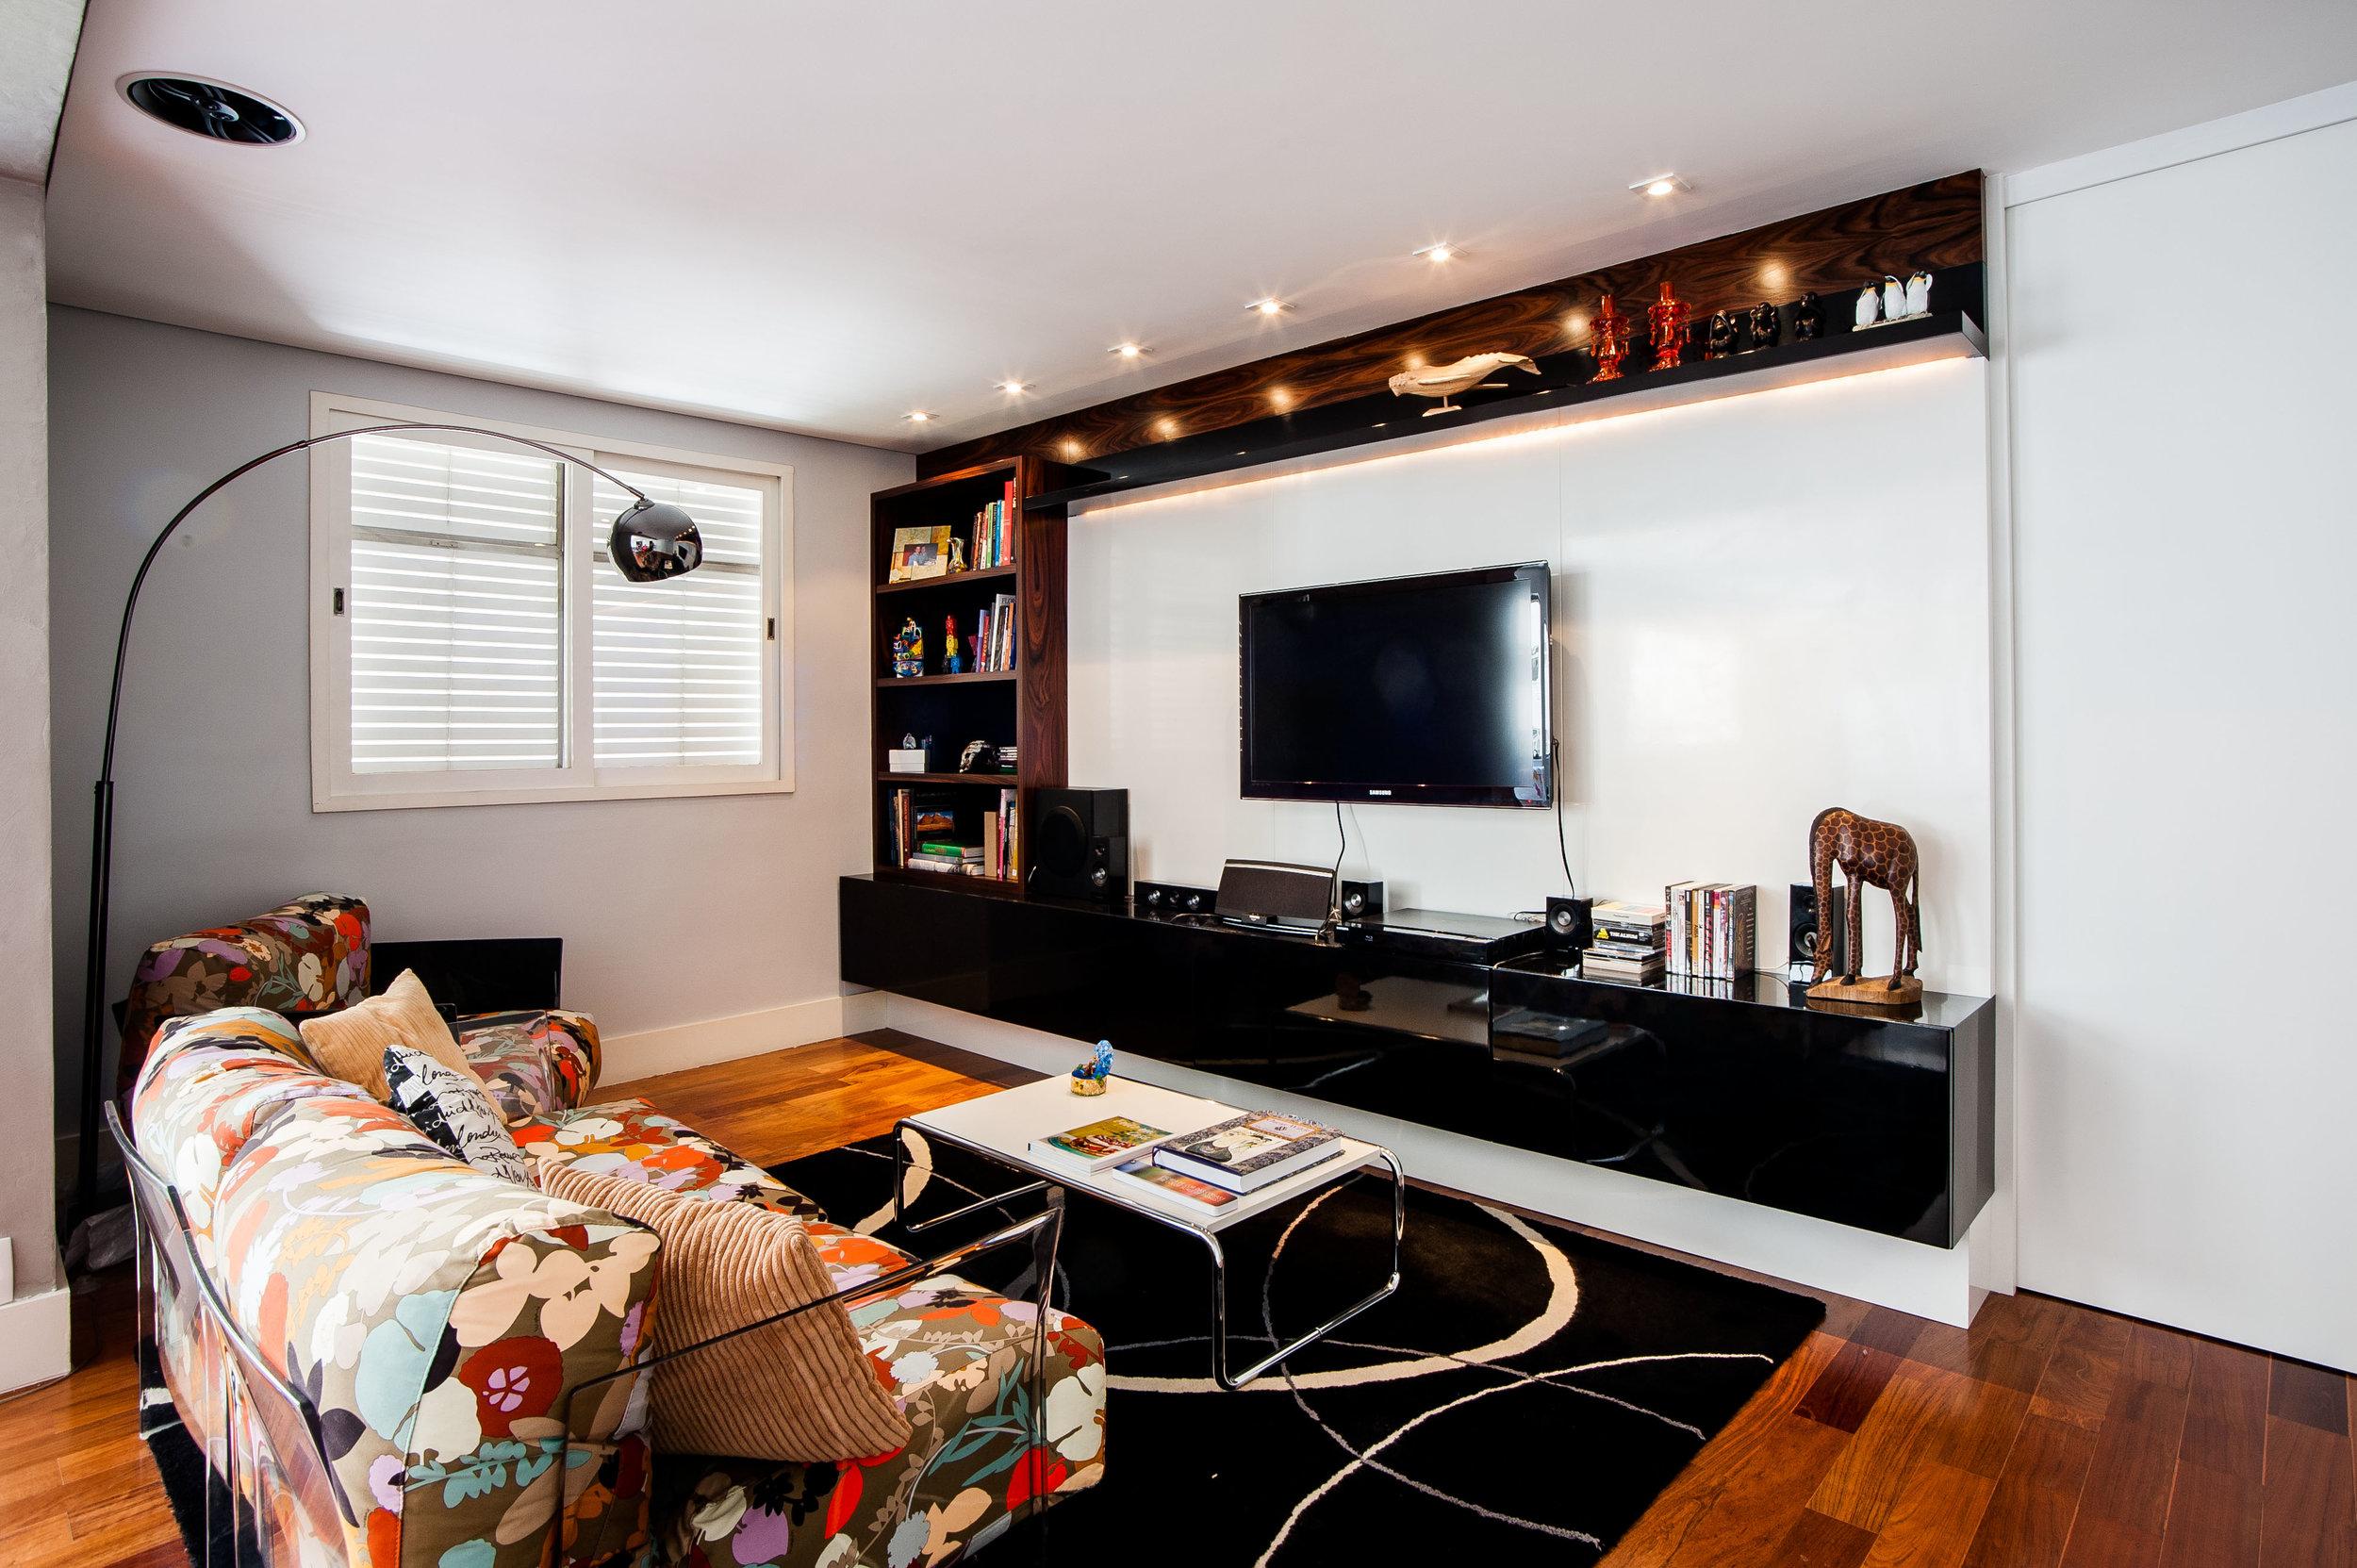 Na sala de estar o móvel projetado para a estante e televisão tem acabamento em madeira pau-ferro, laca preta e branca. O sofá da Kartell conta com tecidos da Missoni. O lavabo tem paredes e pisos em cimento queimado e bancada em mármore Nero Marquino.